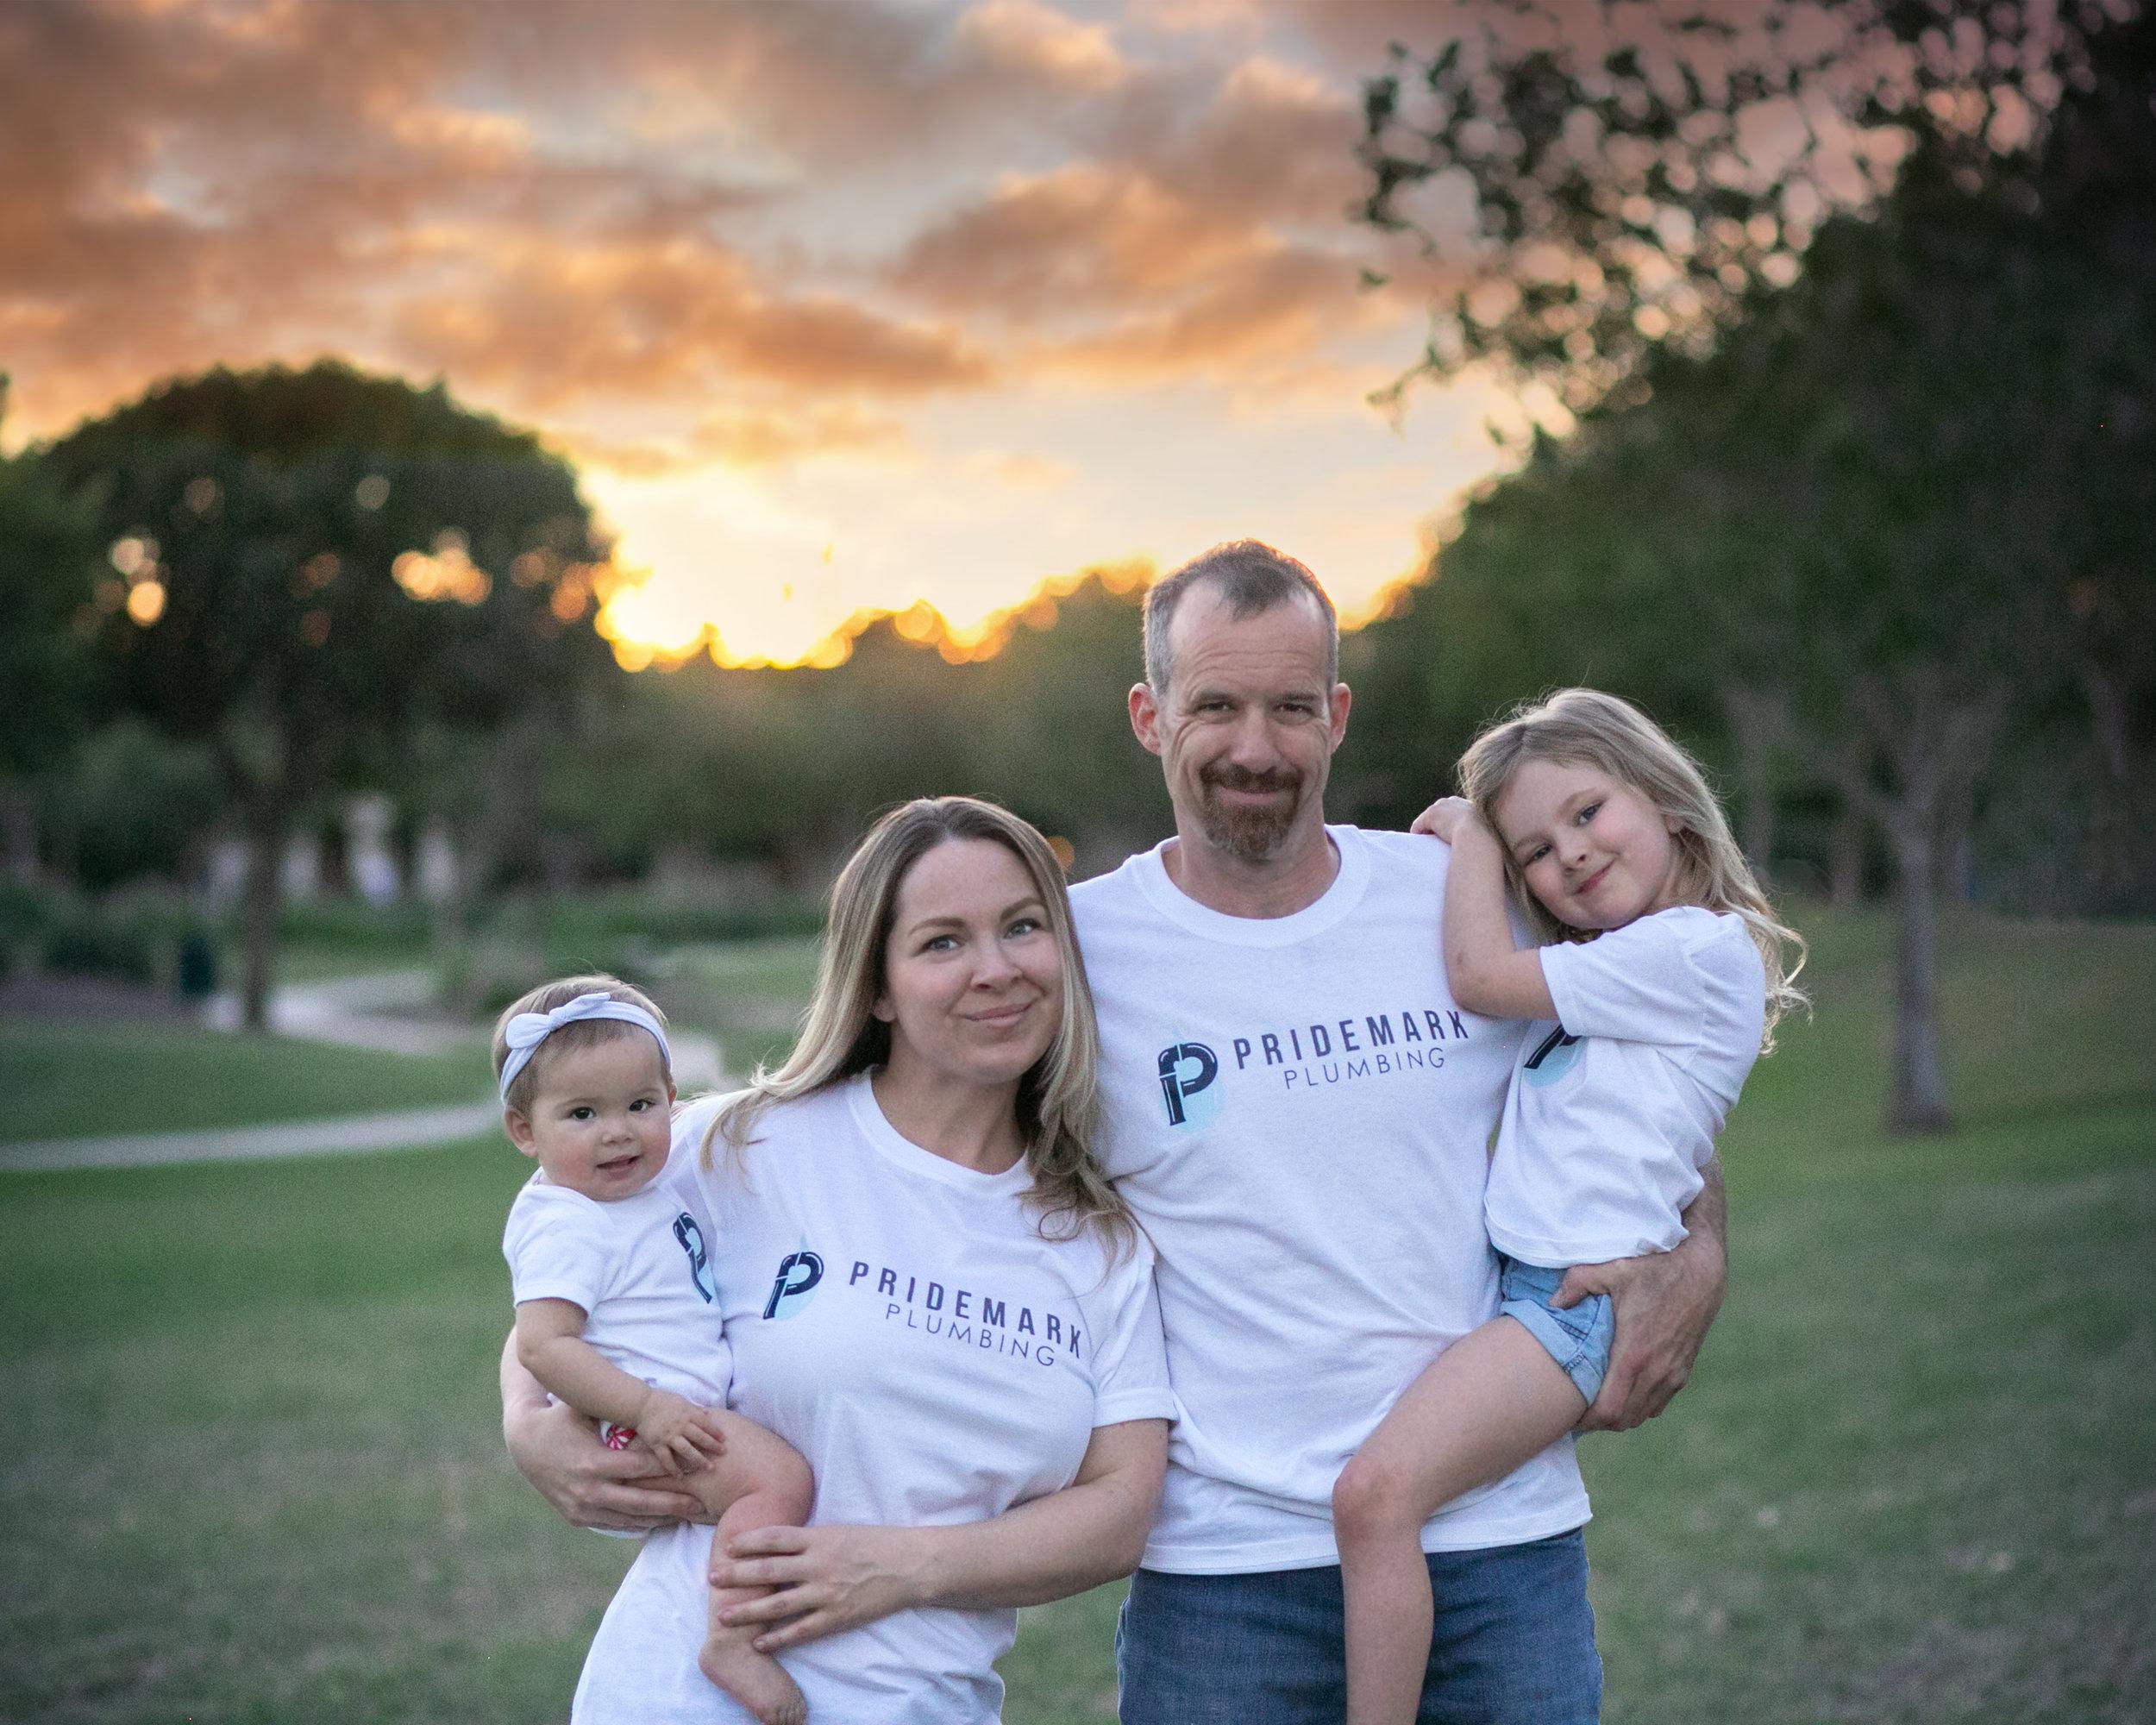 Pridemark-family.jpg